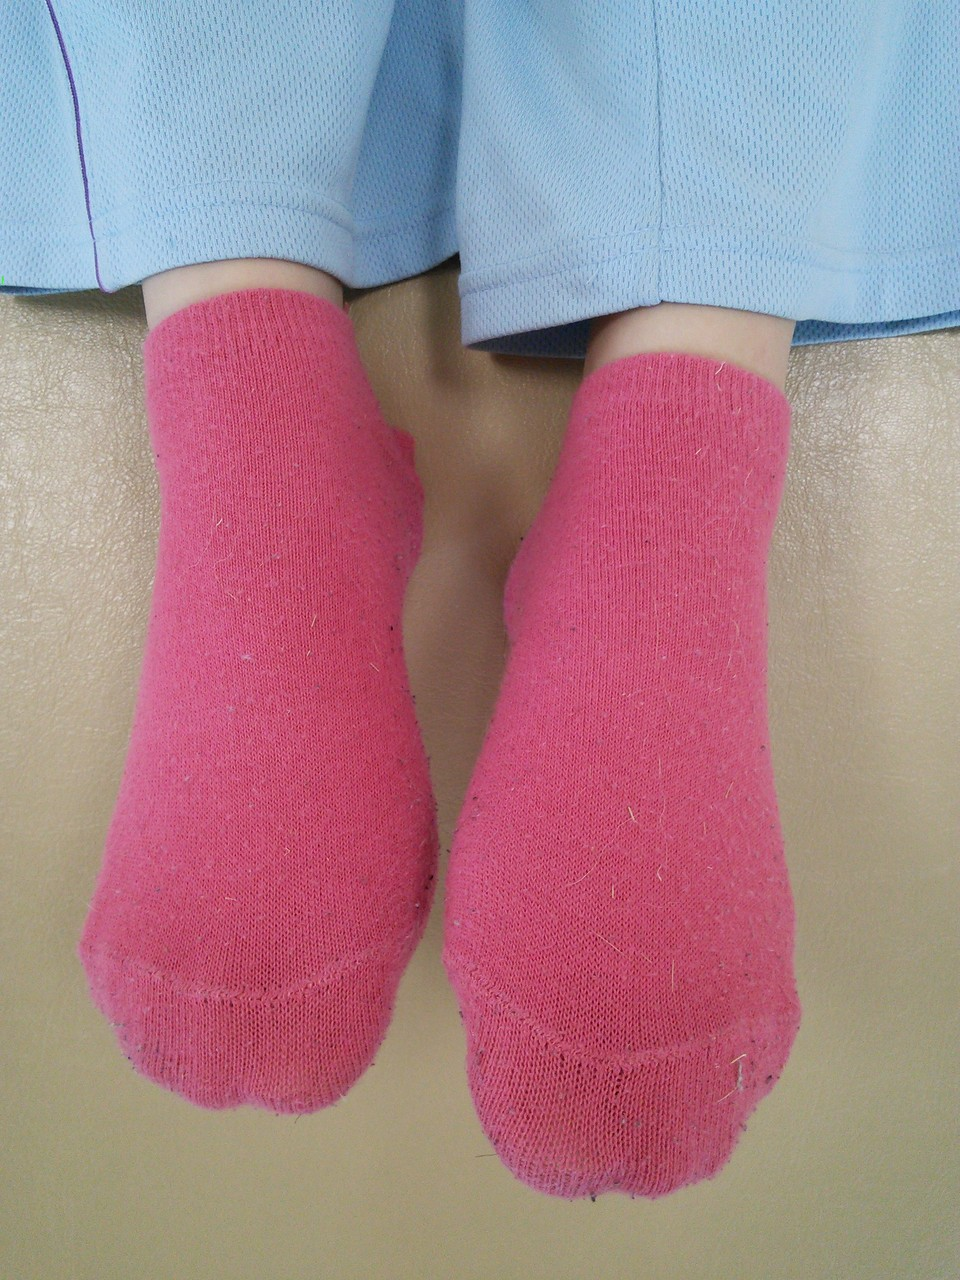 足の位置で骨盤の傾き確認 腰痛の原因